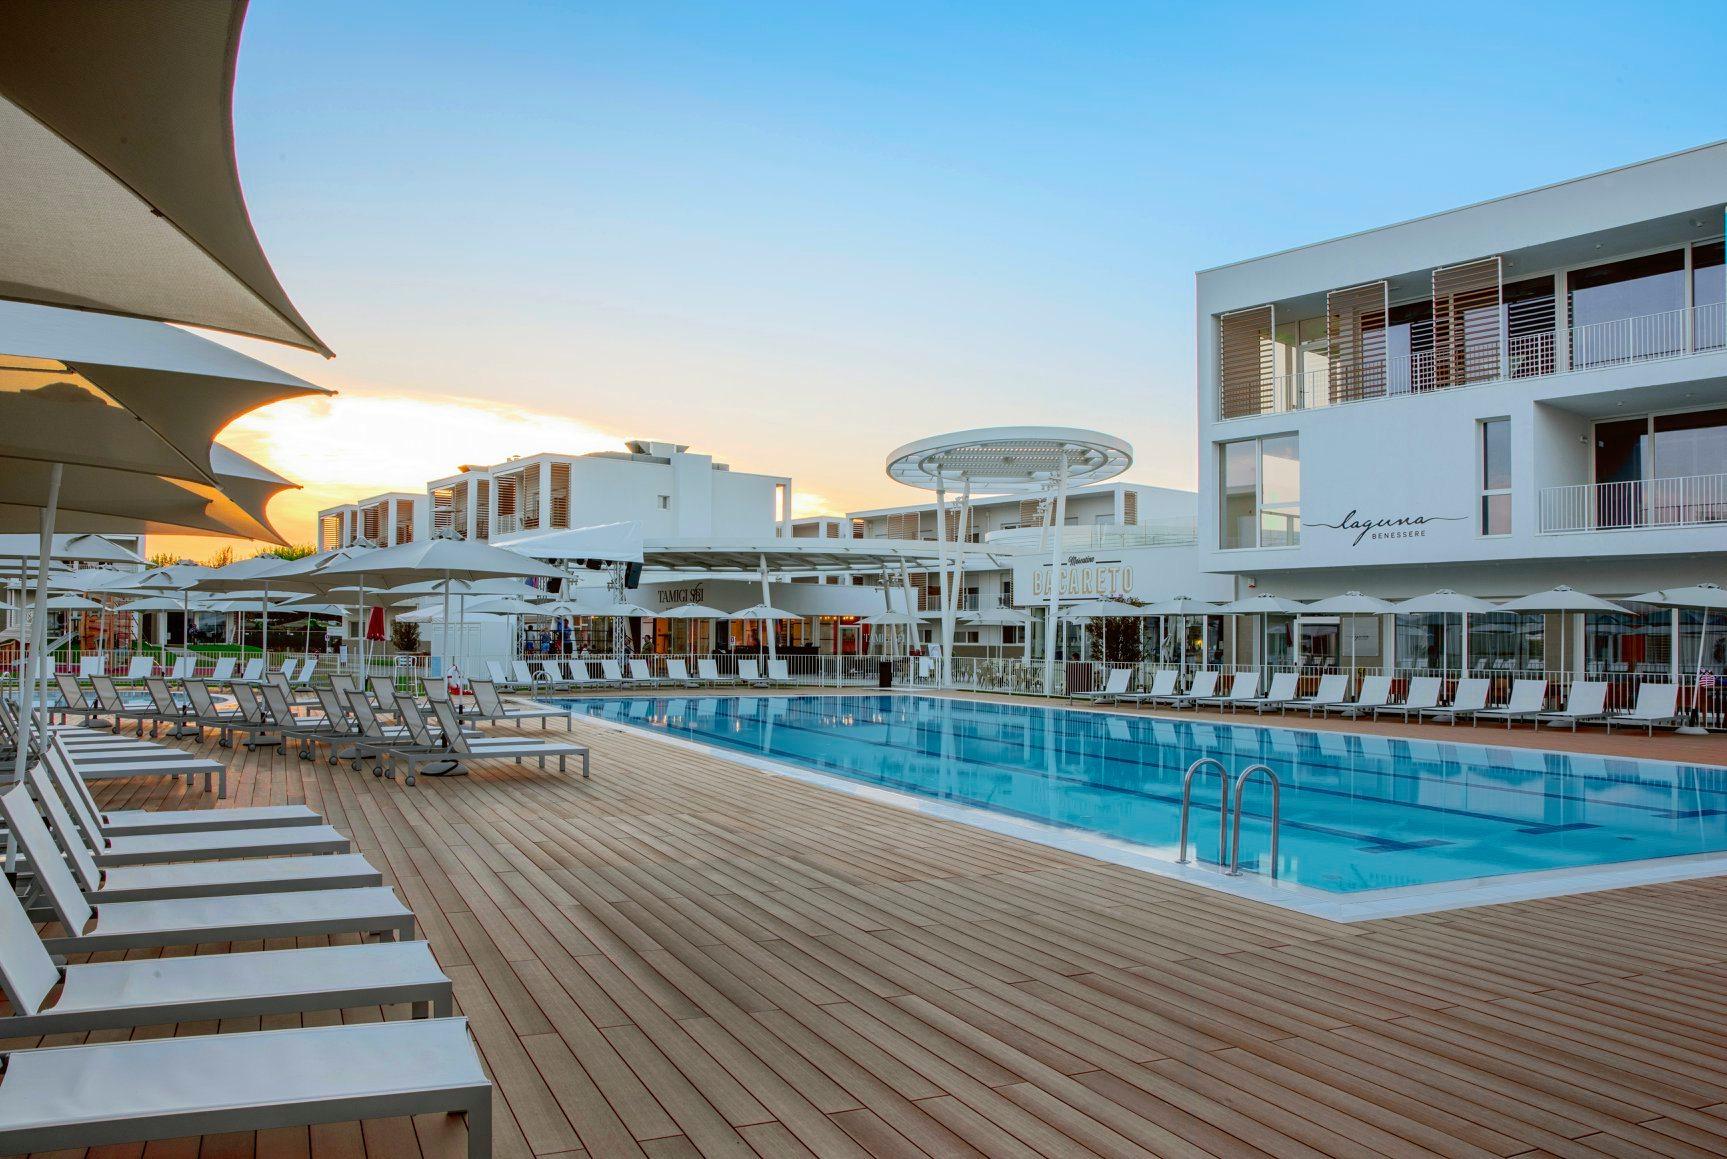 Pavimento piscina in WPC, Hapimag Resort – Cavallino Treporti (VE)